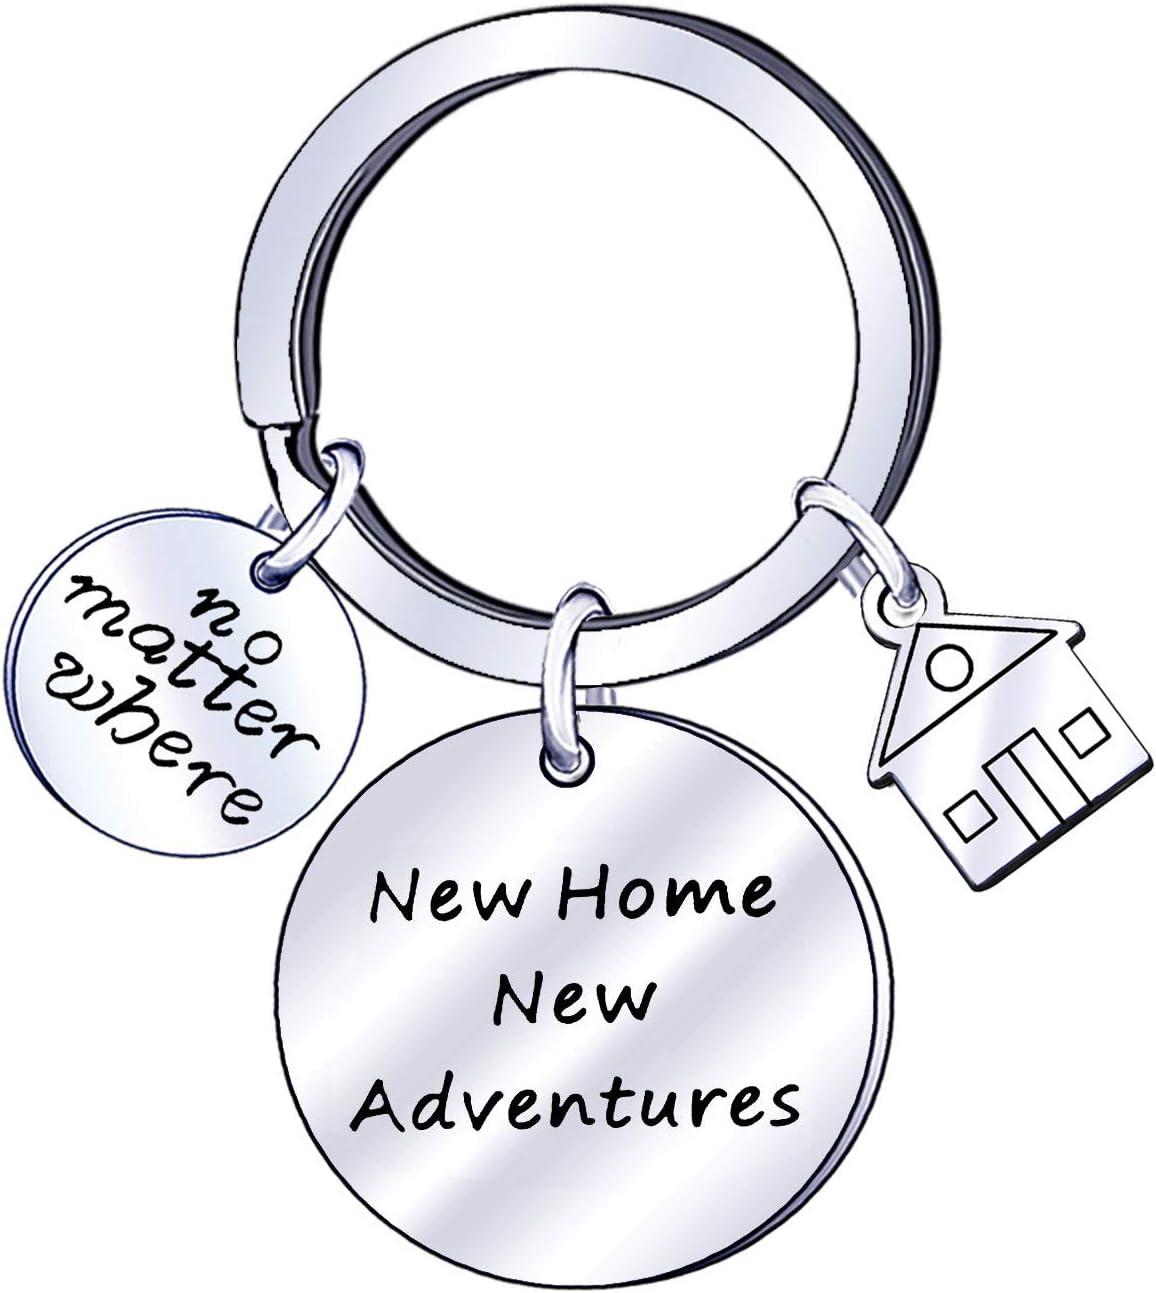 PRETYZOOM Nuova Casa Nuove Avventure Portachiavi Coppia Portachiavi Regalo di Inaugurazione della Casa Nuova Casa del Proprietario di Casa Portachiavi Prima Casa Presente per Marito Moglie